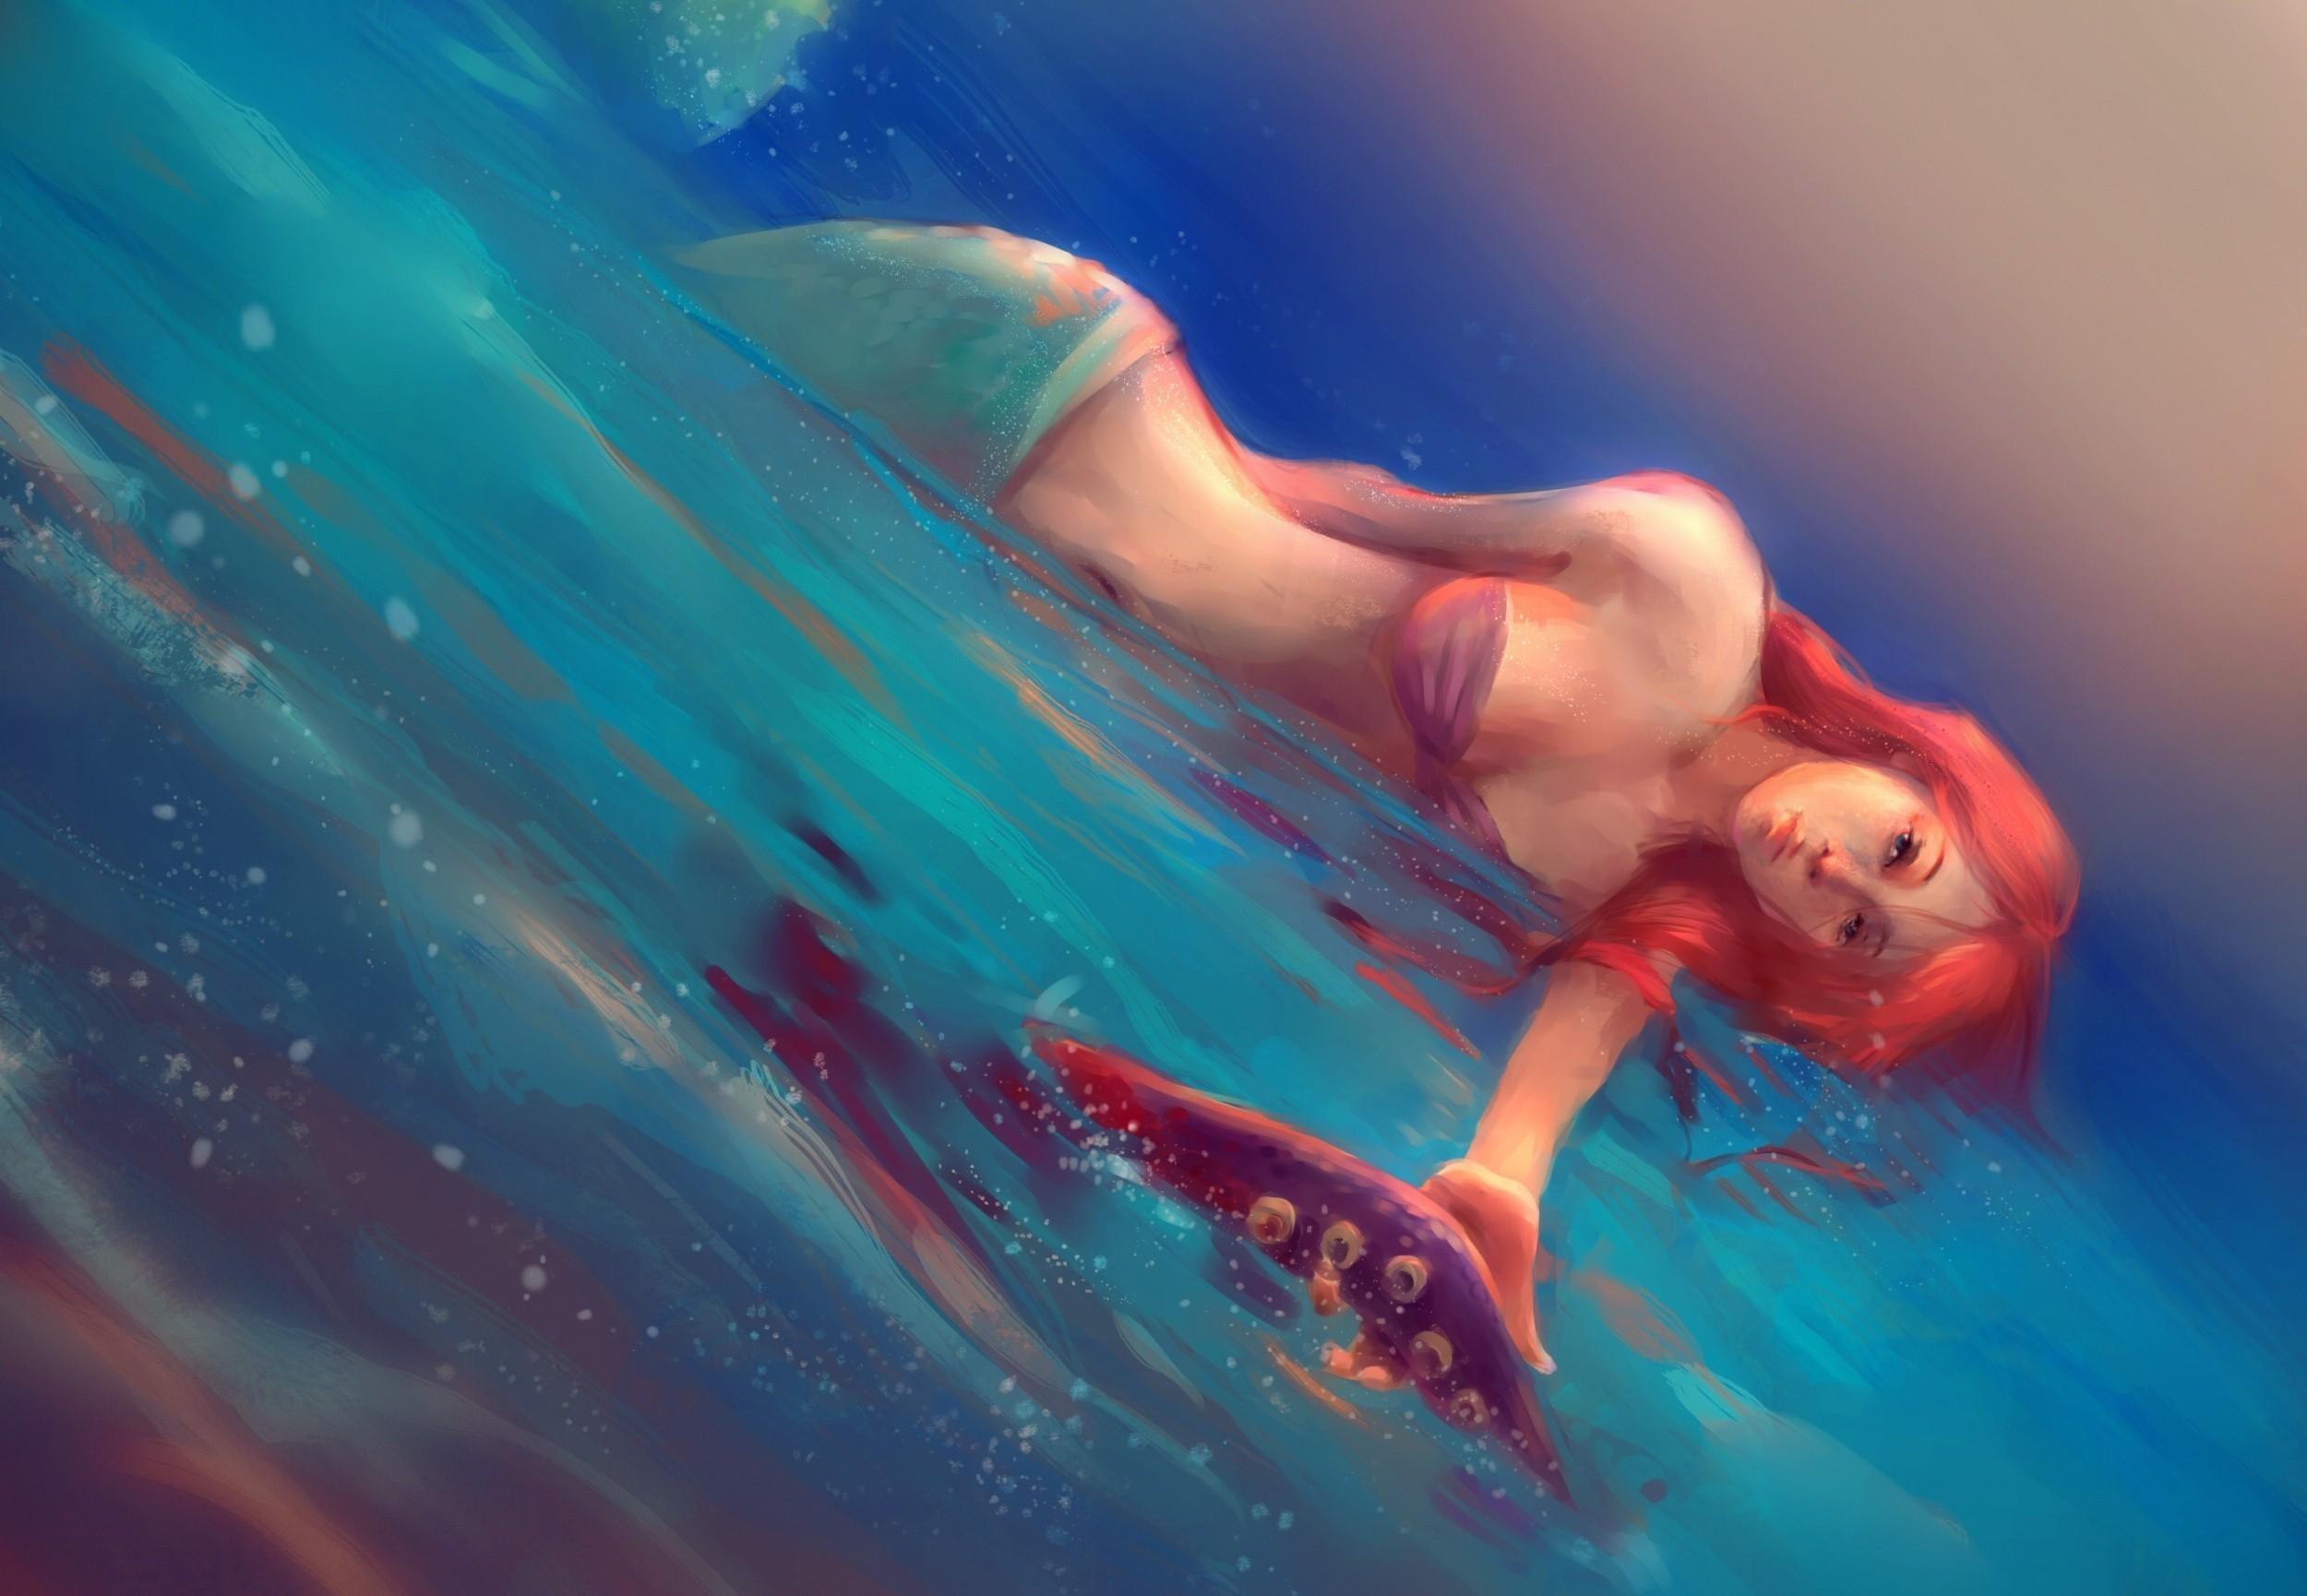 Fantasy Mermaids 29316